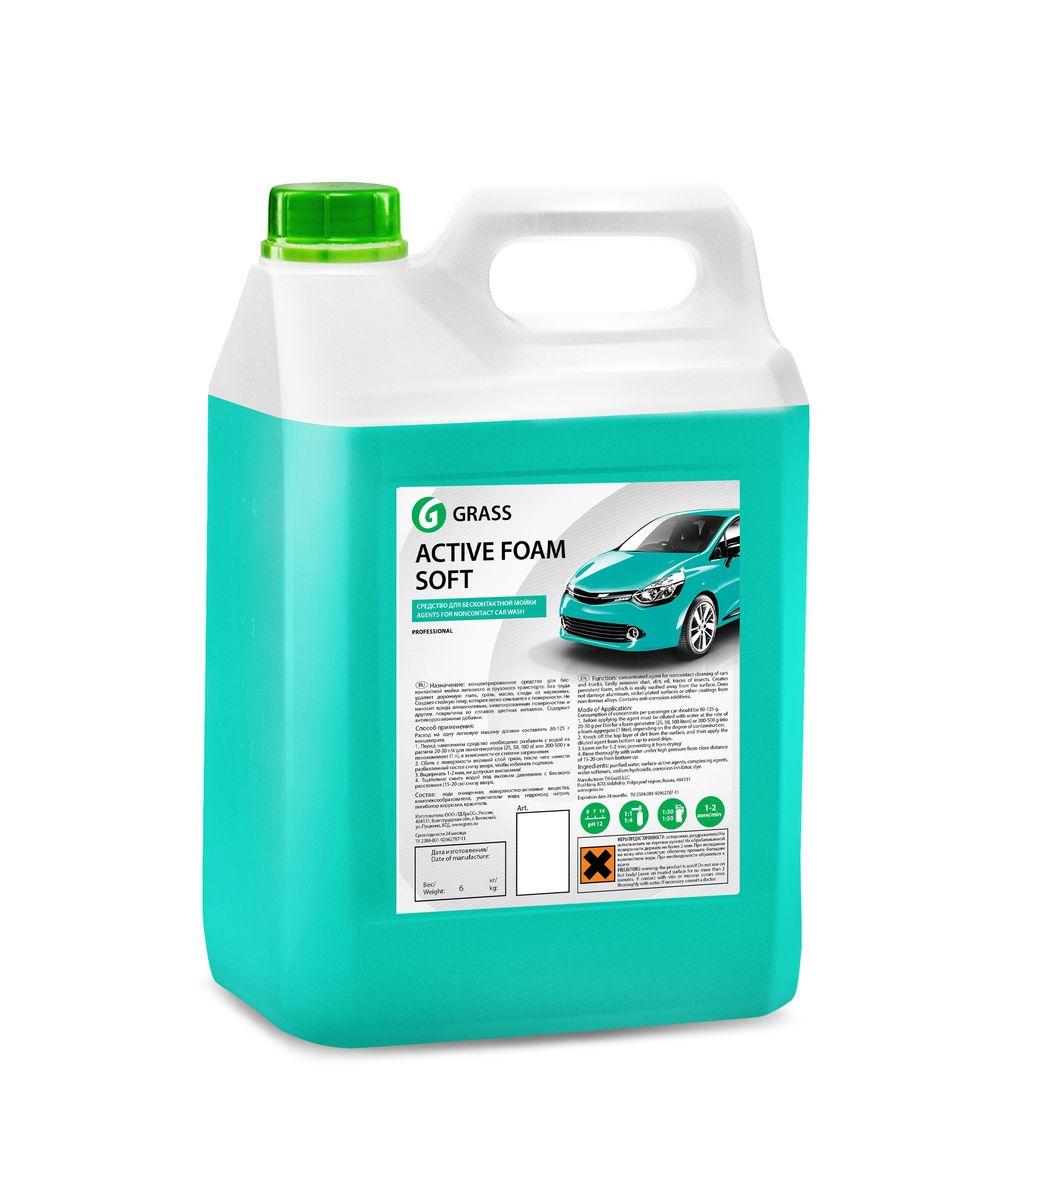 Активная пена Grass Active Foam Soft, 5,8 кг150406Активная пена Grass Active Foam Soft - это концентрированное средство для беcконтактной мойки легкового и грузового транспорта. Не наносит вреда алюминиевым, никелированным поверхностям и другим покрытиям из сплавов цветных металлов. Содержит антикоррозионные добавки. Перед нанесением средство необходимо разбавить с водой из расчета 1:30-1:50 (20-30 г/л) для пеногенератора (25, 50, 100 л) или 1:1-1:4 (200-500 г) в пенокомплект (1 л). Товар сертифицирован.